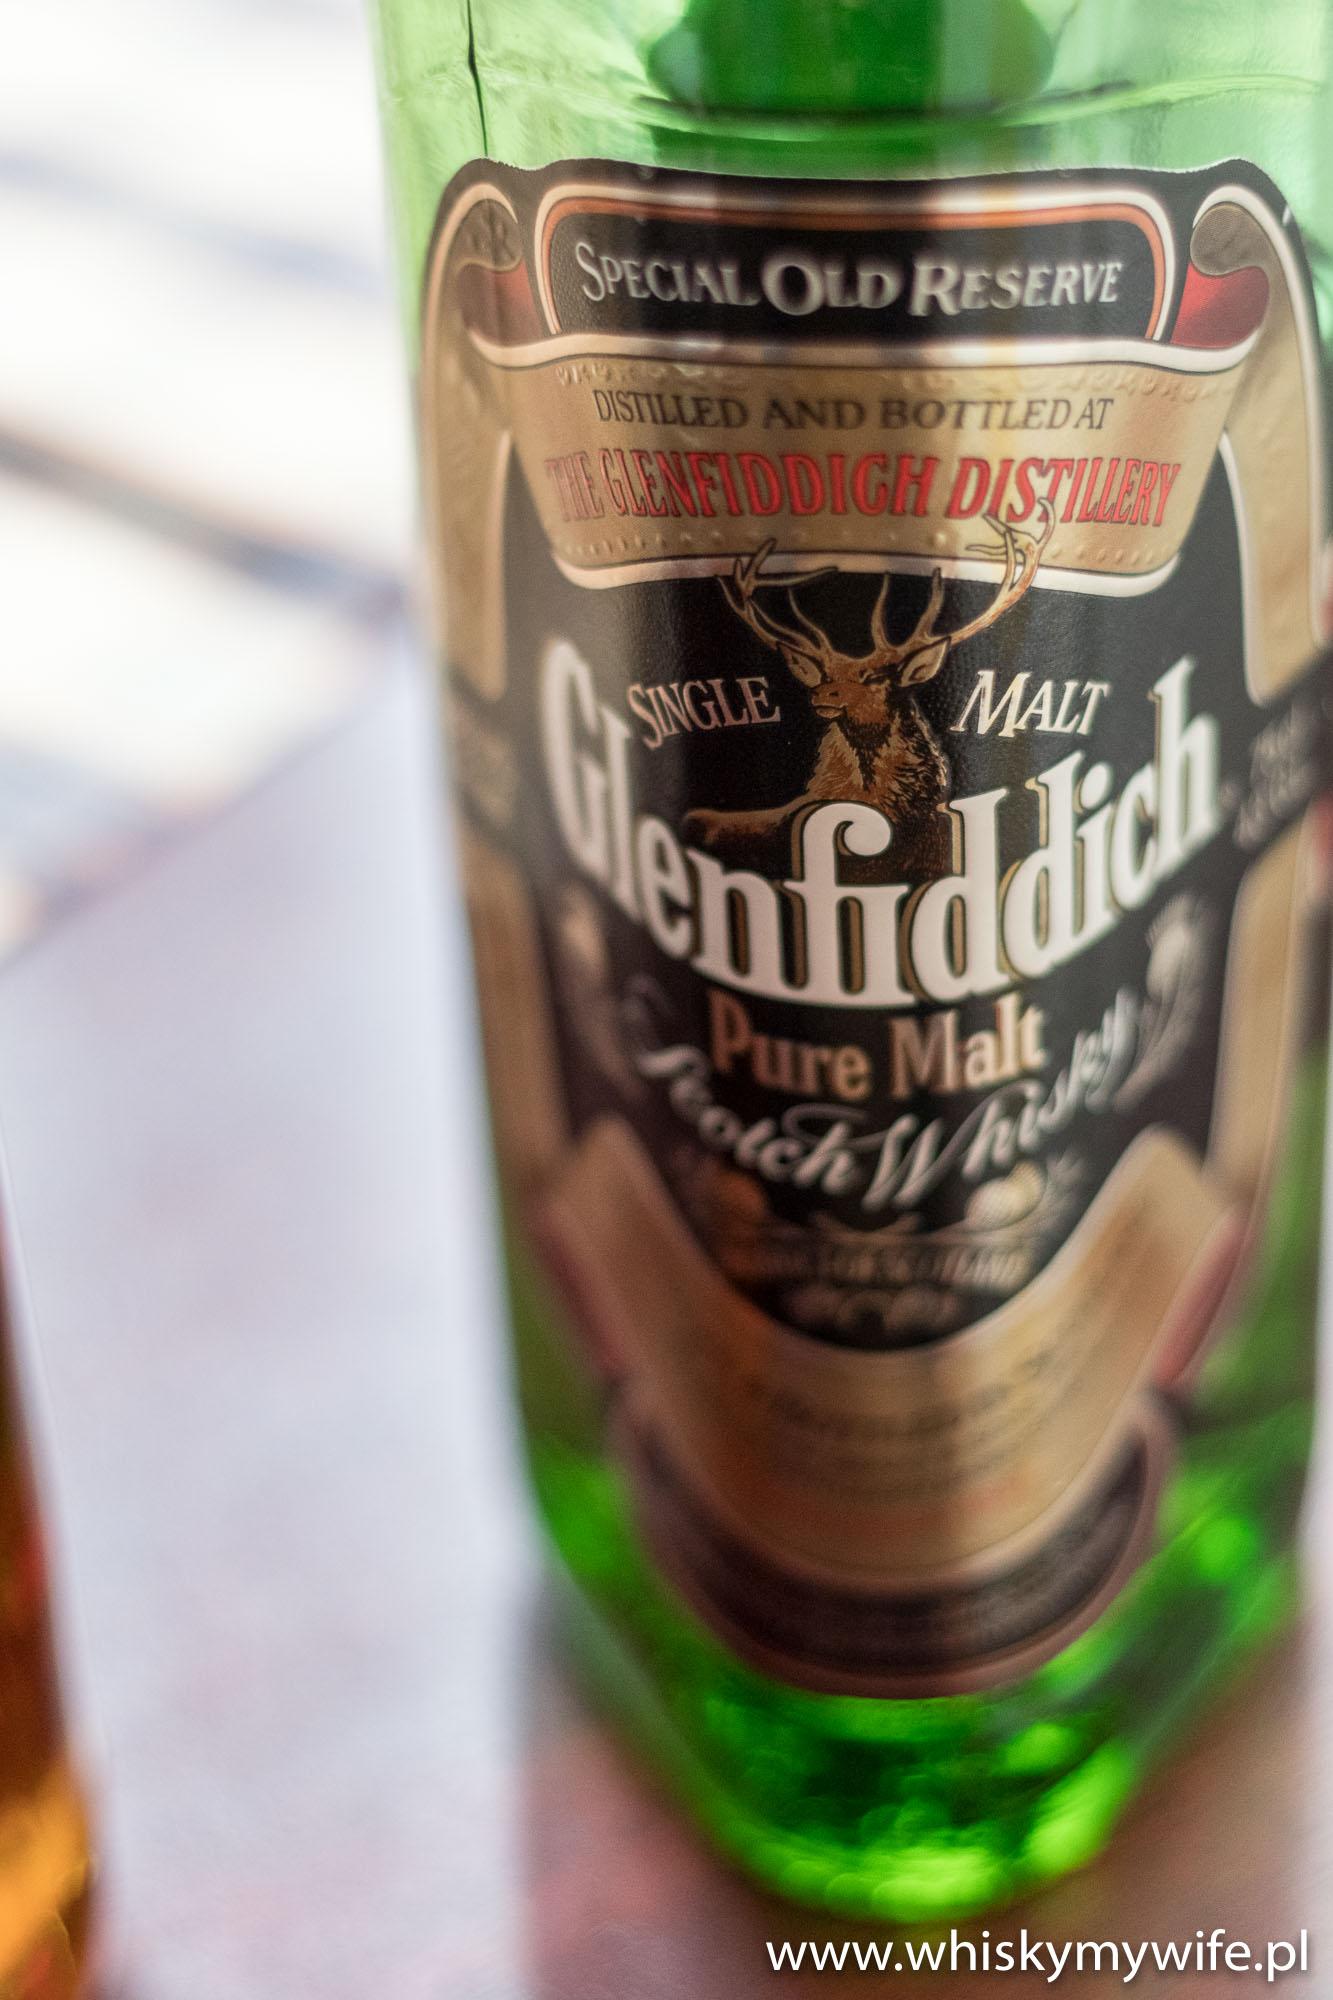 Glenfiddich-8